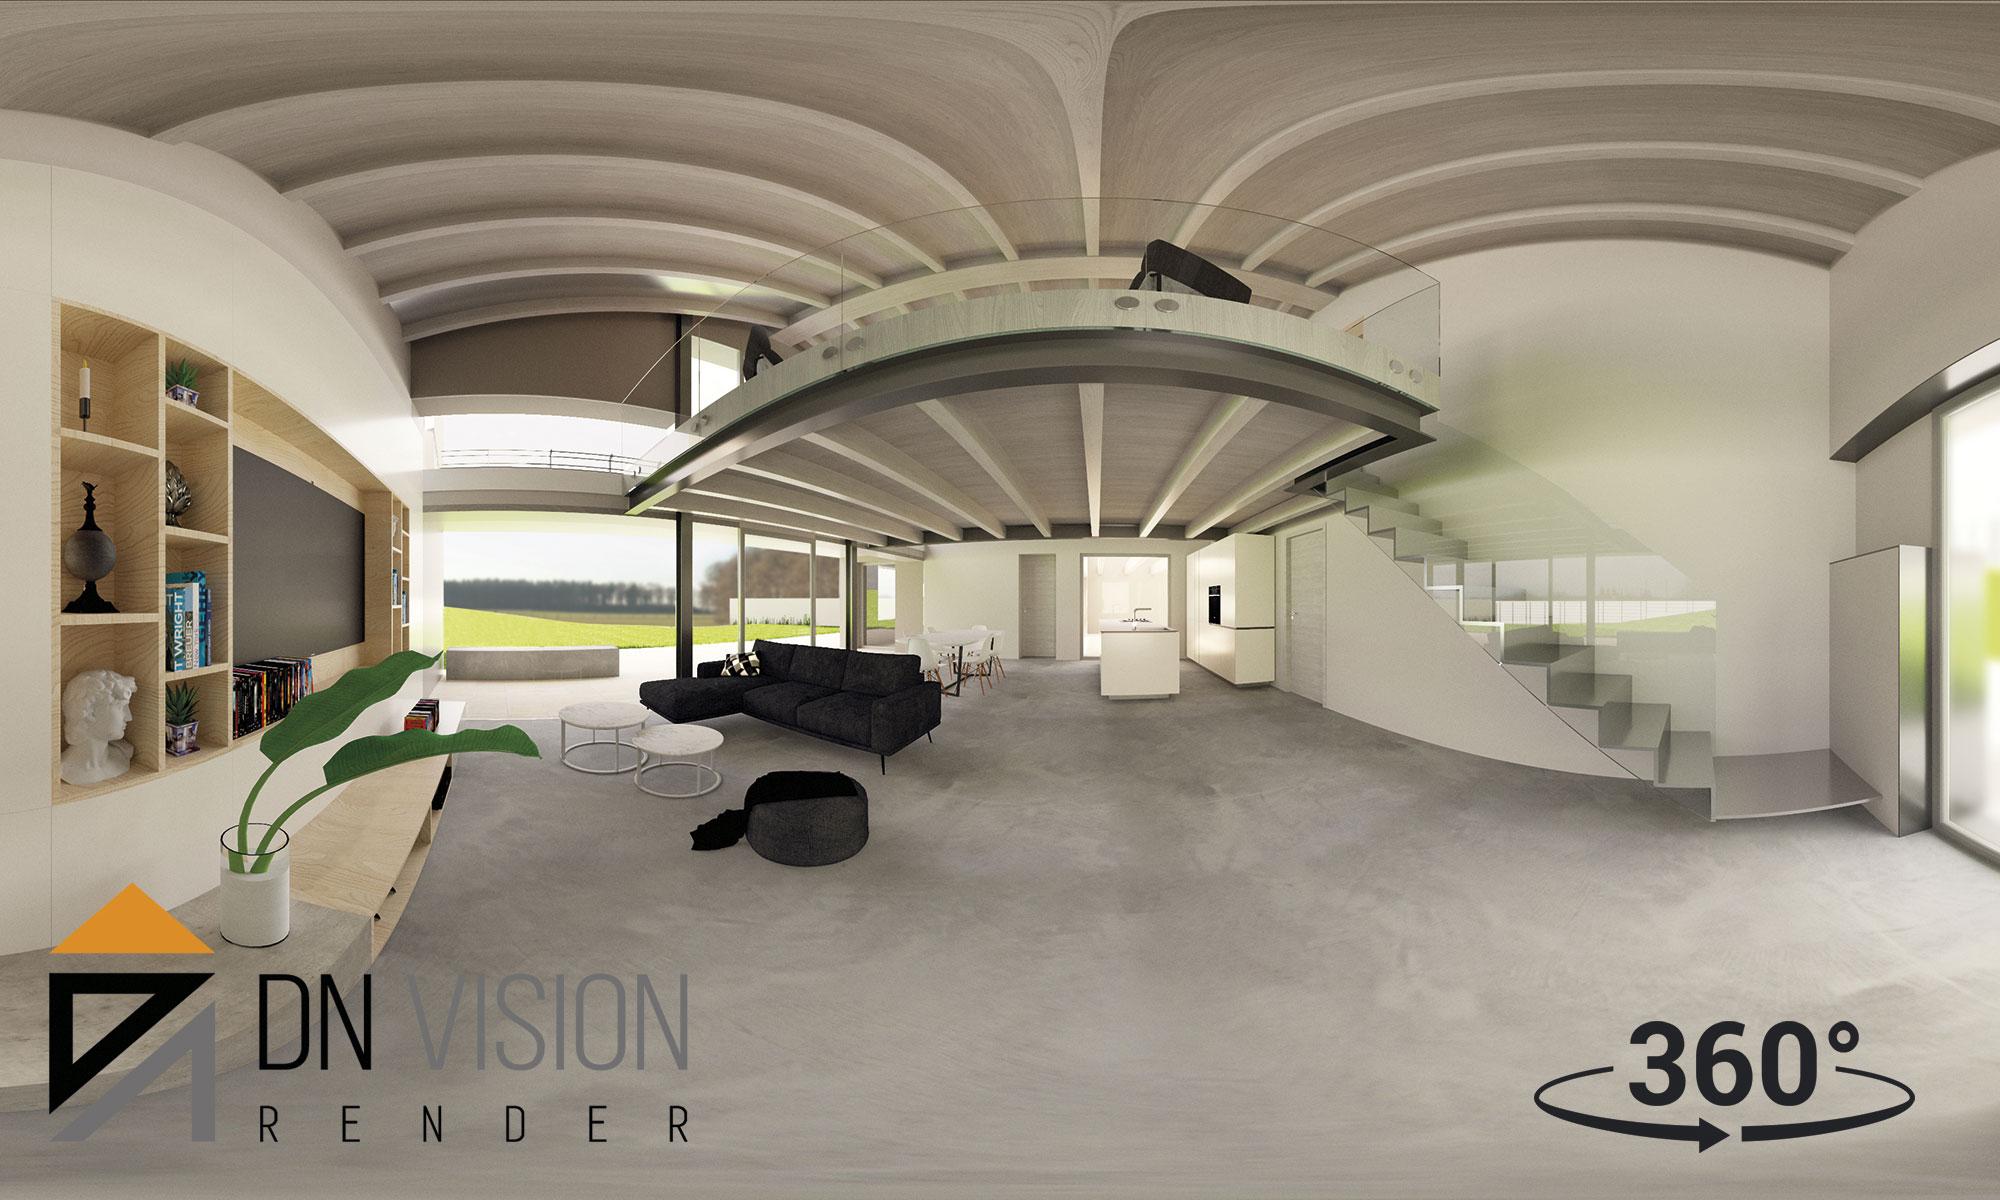 progettare casa online, Rendering 360 + Realtà Virtuale